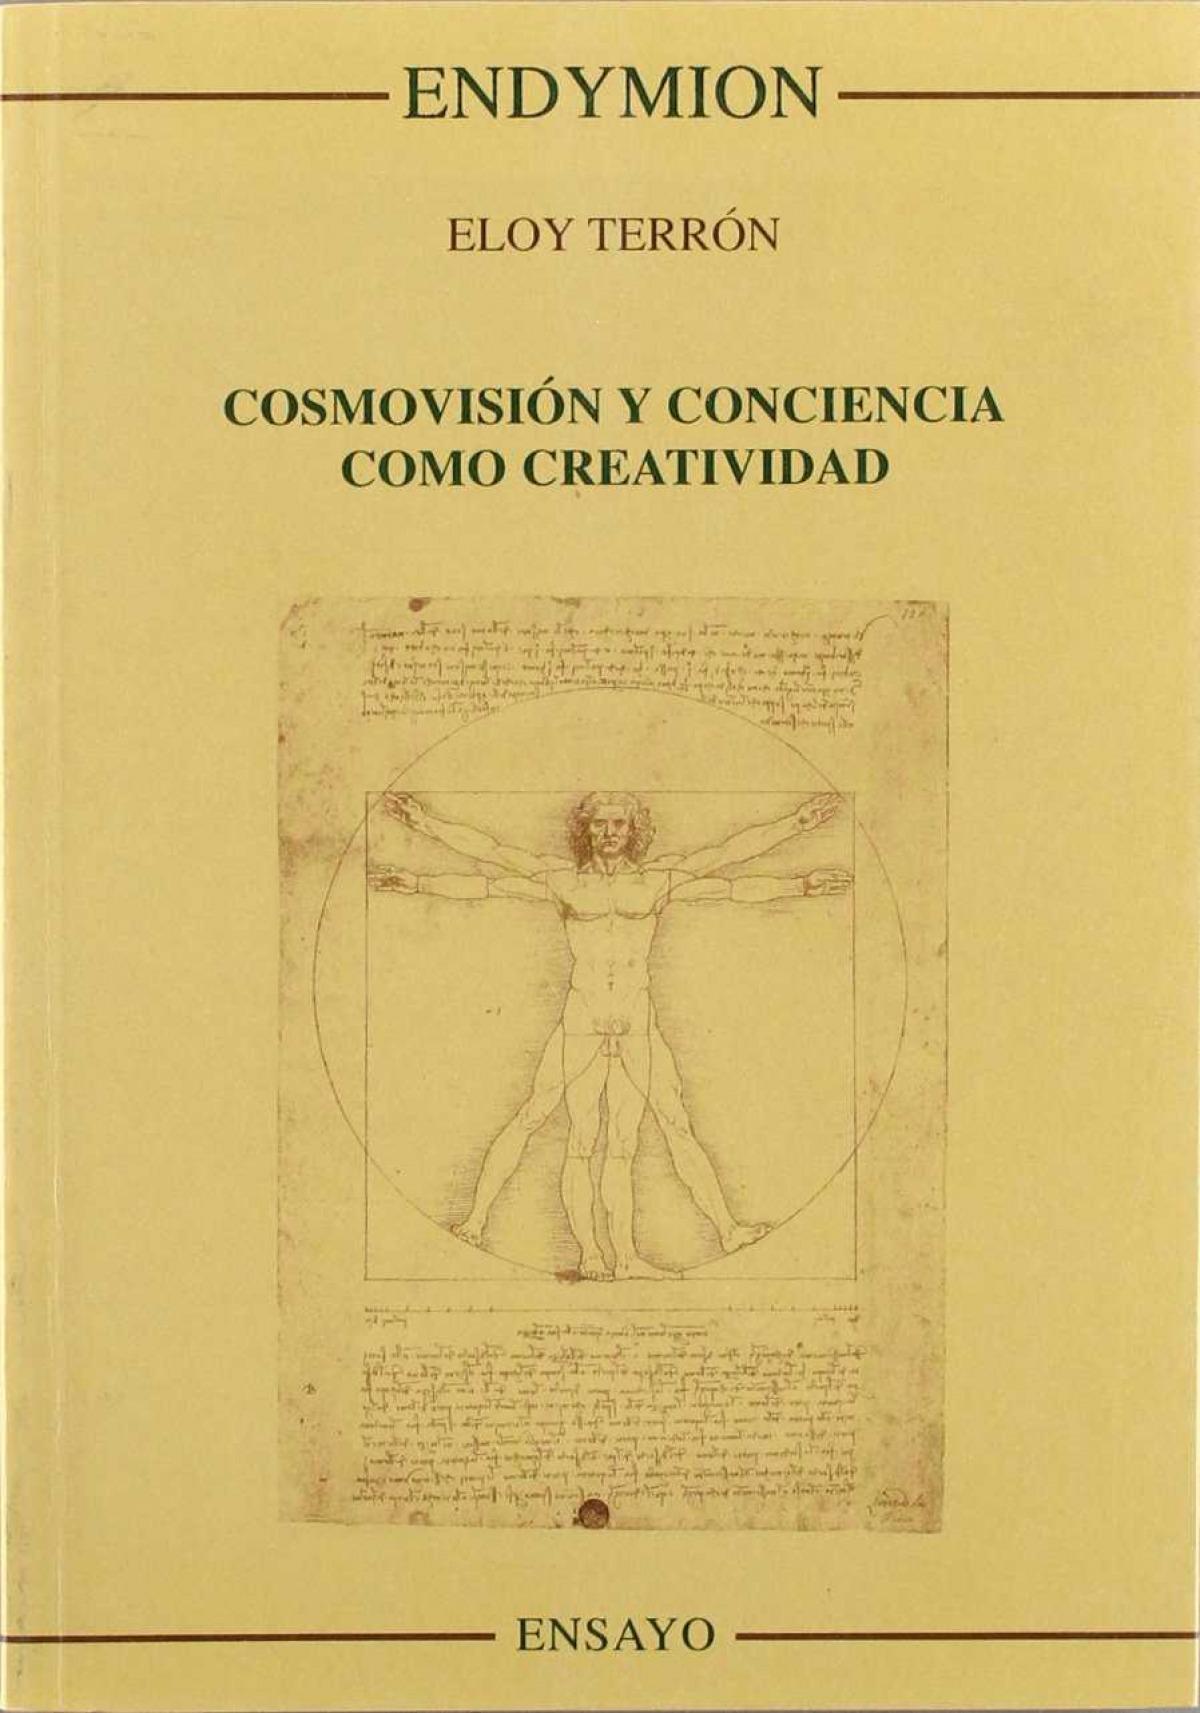 COSMOVISIËN Y CONCIENCIA COMO CRREATIVIDAD